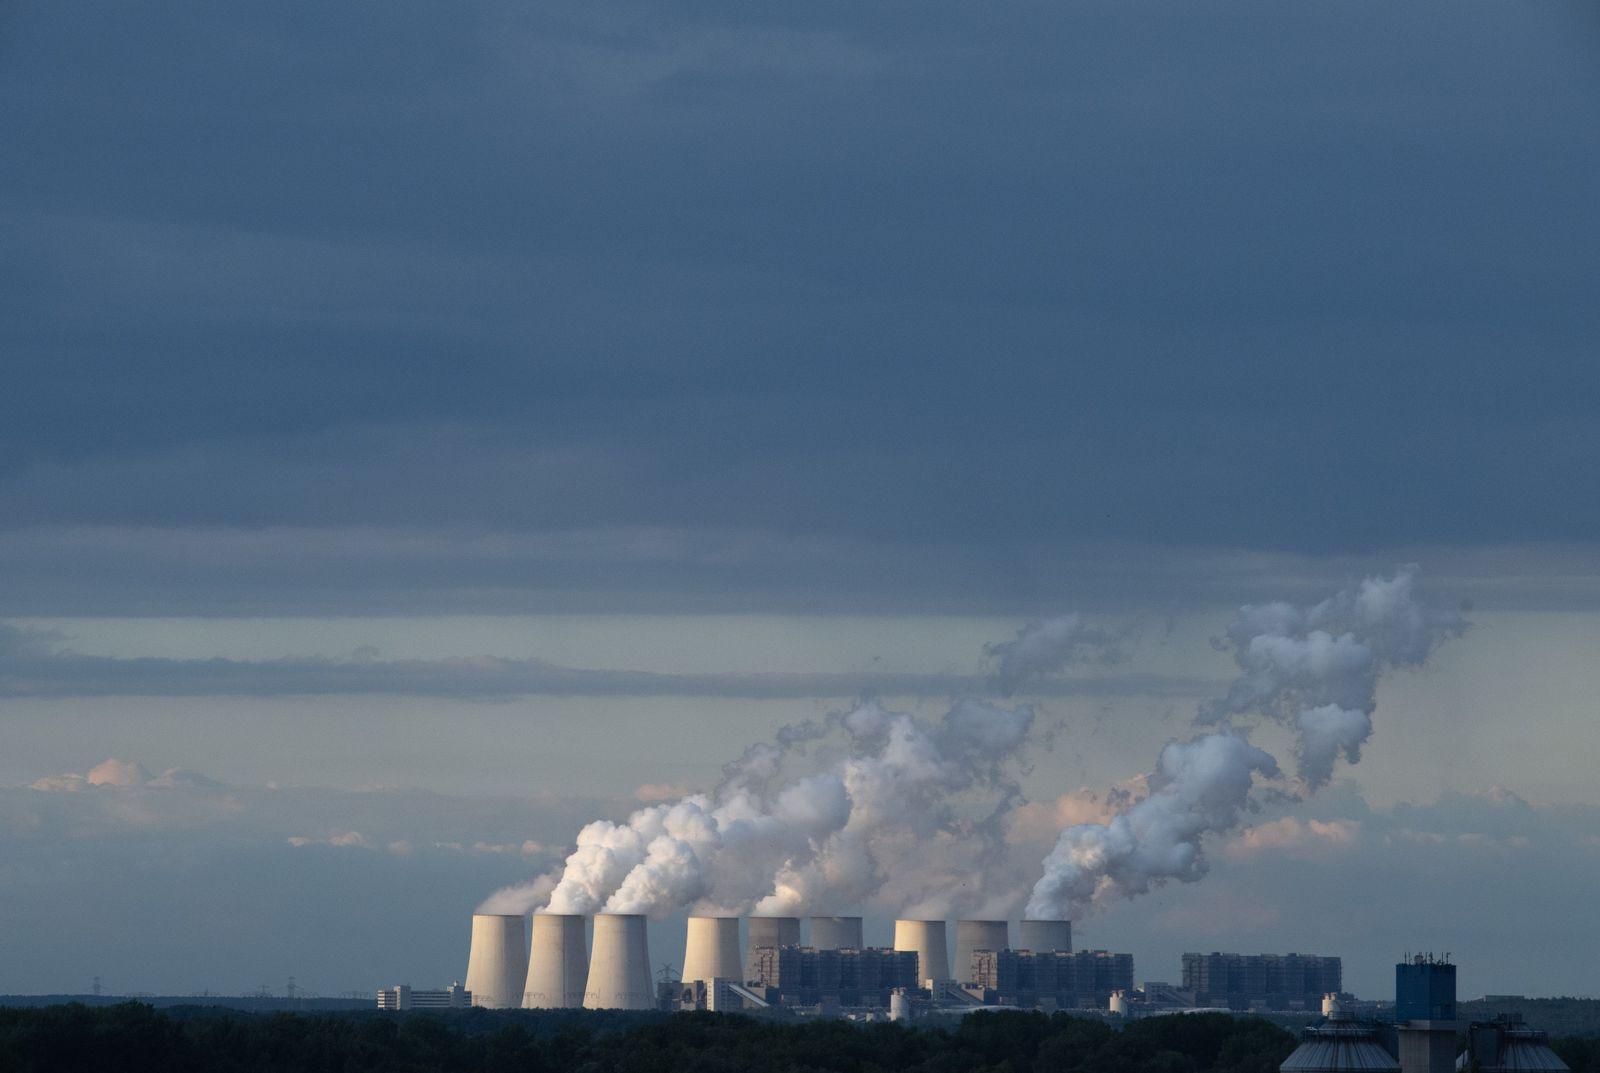 Kohleausstieg: Ifo-Institut stellt Überlegungen zu Strukturwandel